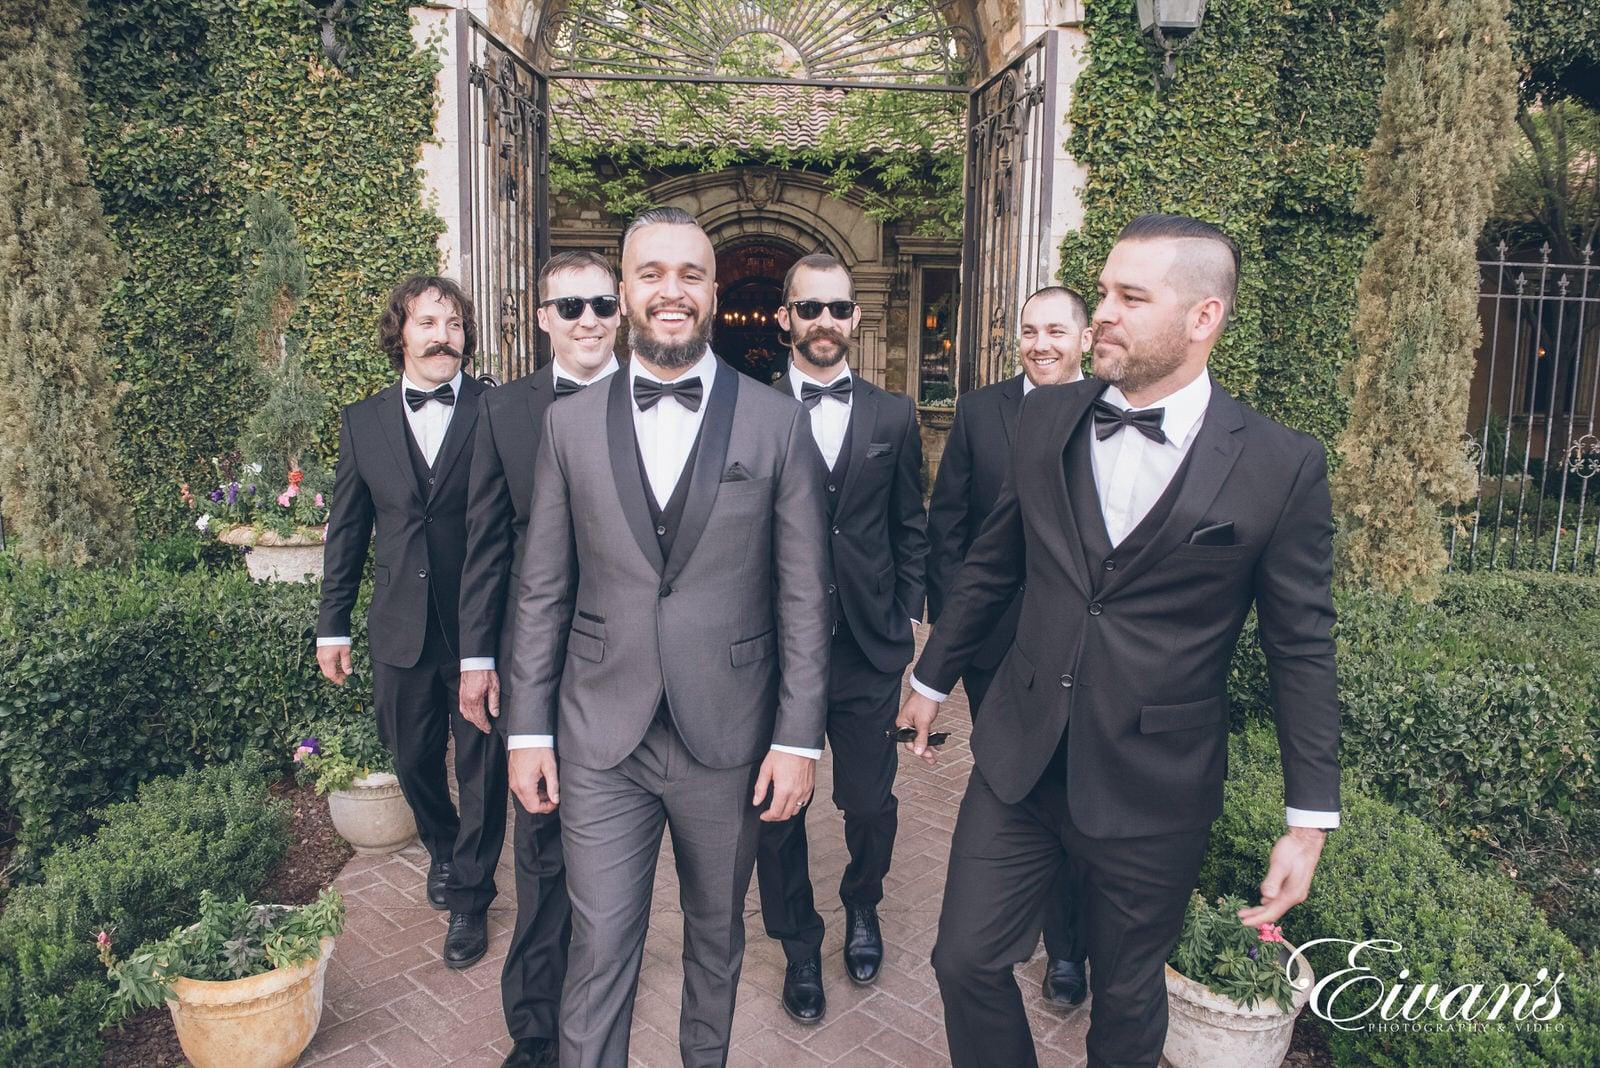 married man walking with his five groomsmen